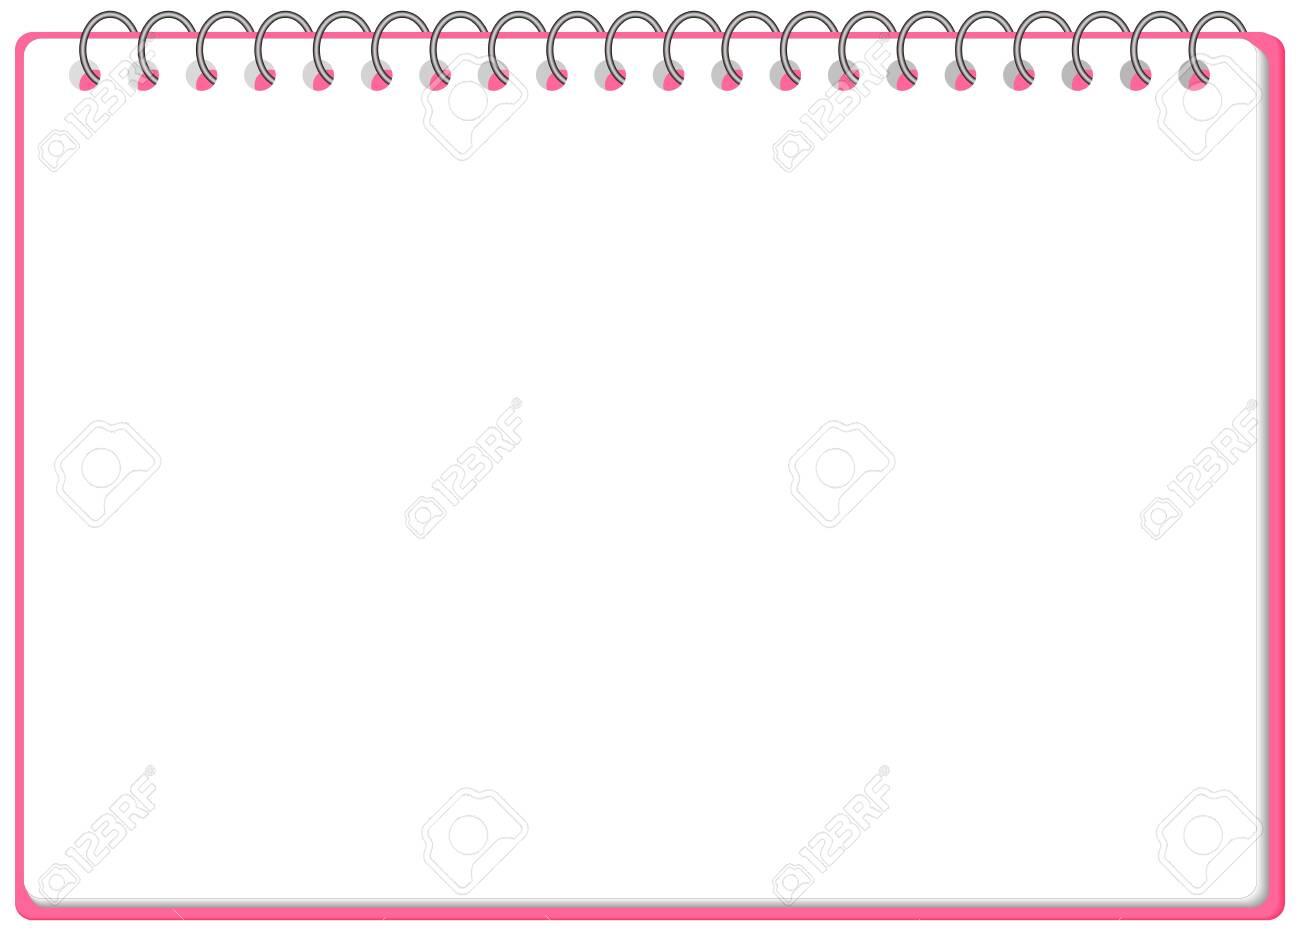 Sketchbook Ringnote Frame Illustration Vector - 146949763